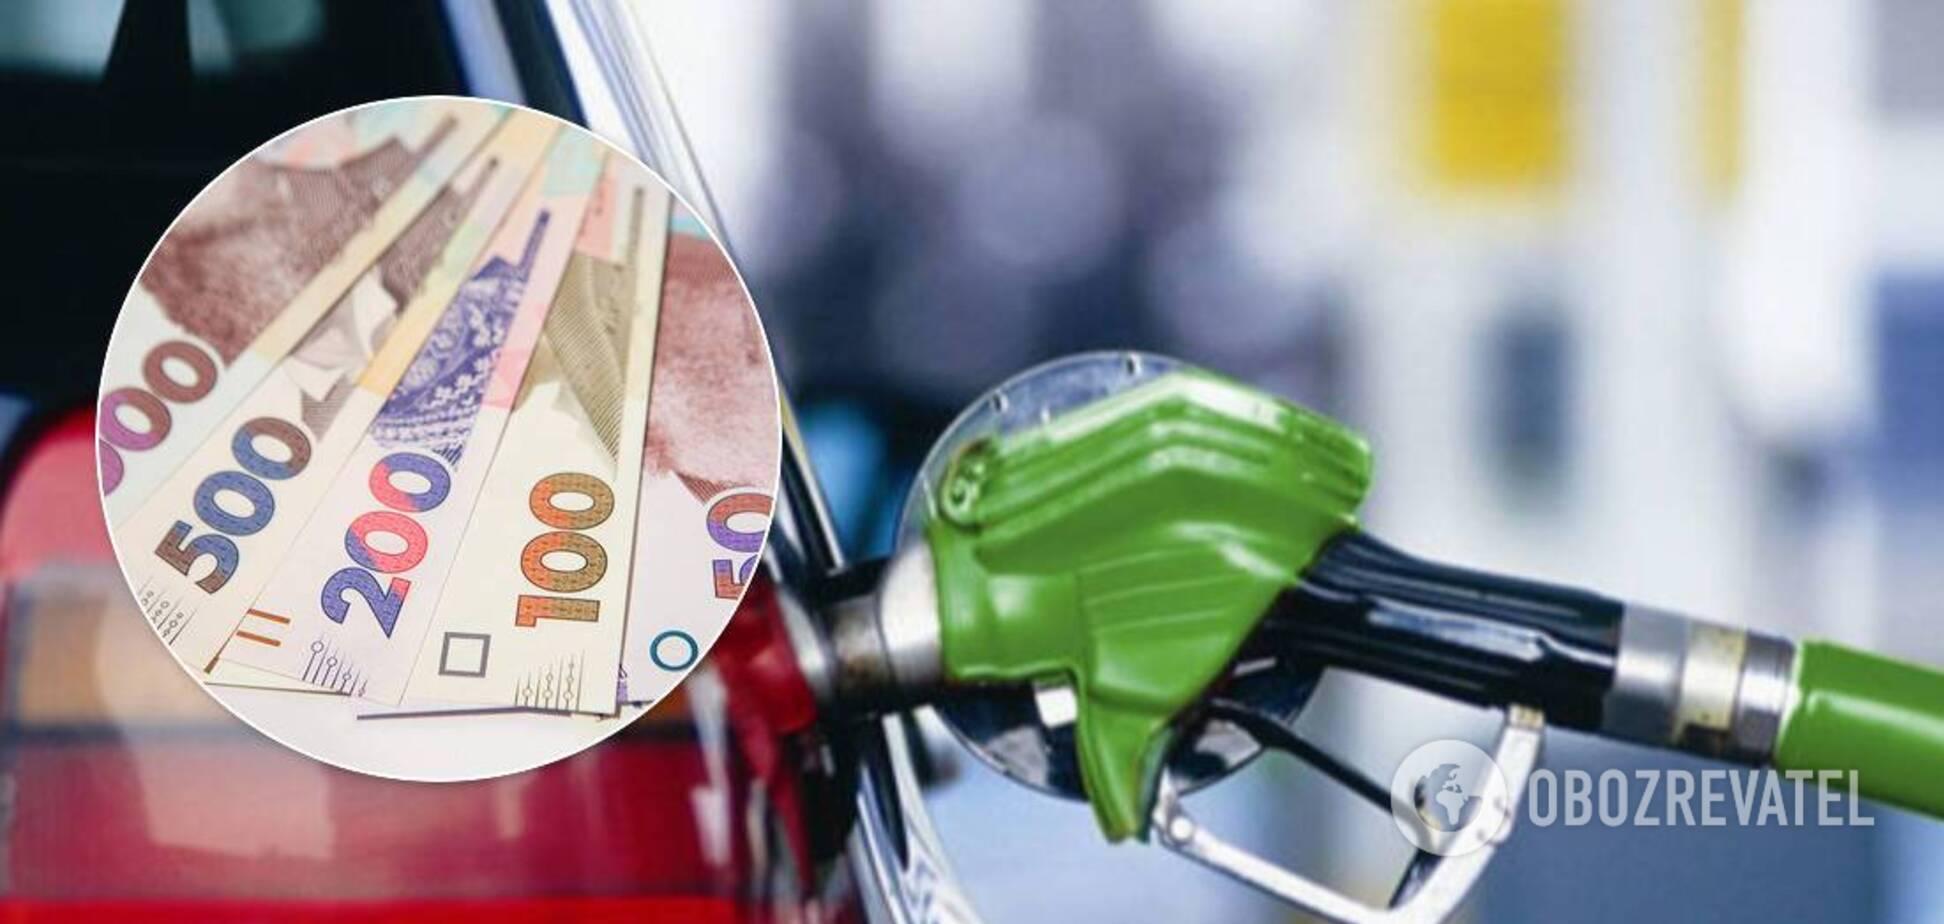 Ціни на бензин і дизель в Україні. Джерело: Колаж Обозревателя